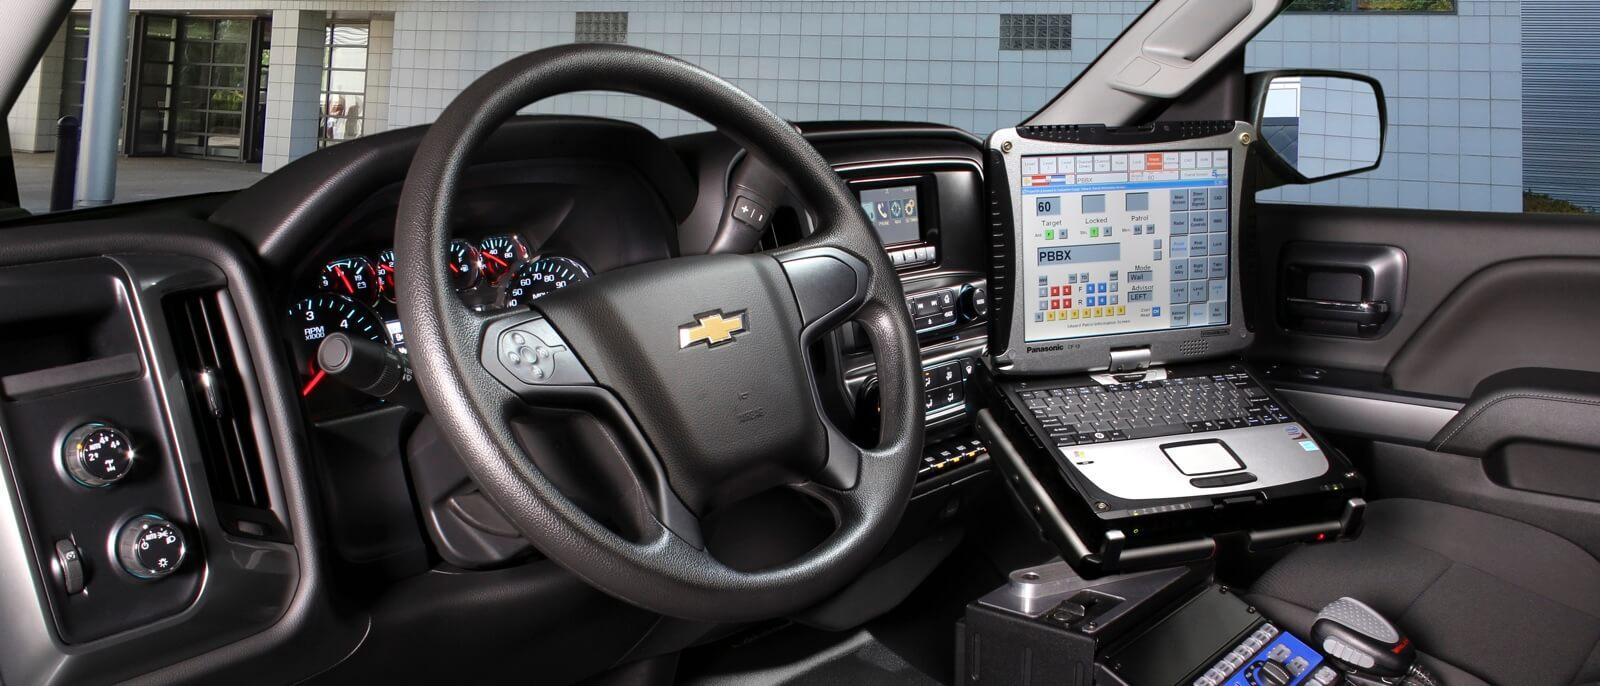 2017 Chevrolet Silverado 1500 front interior